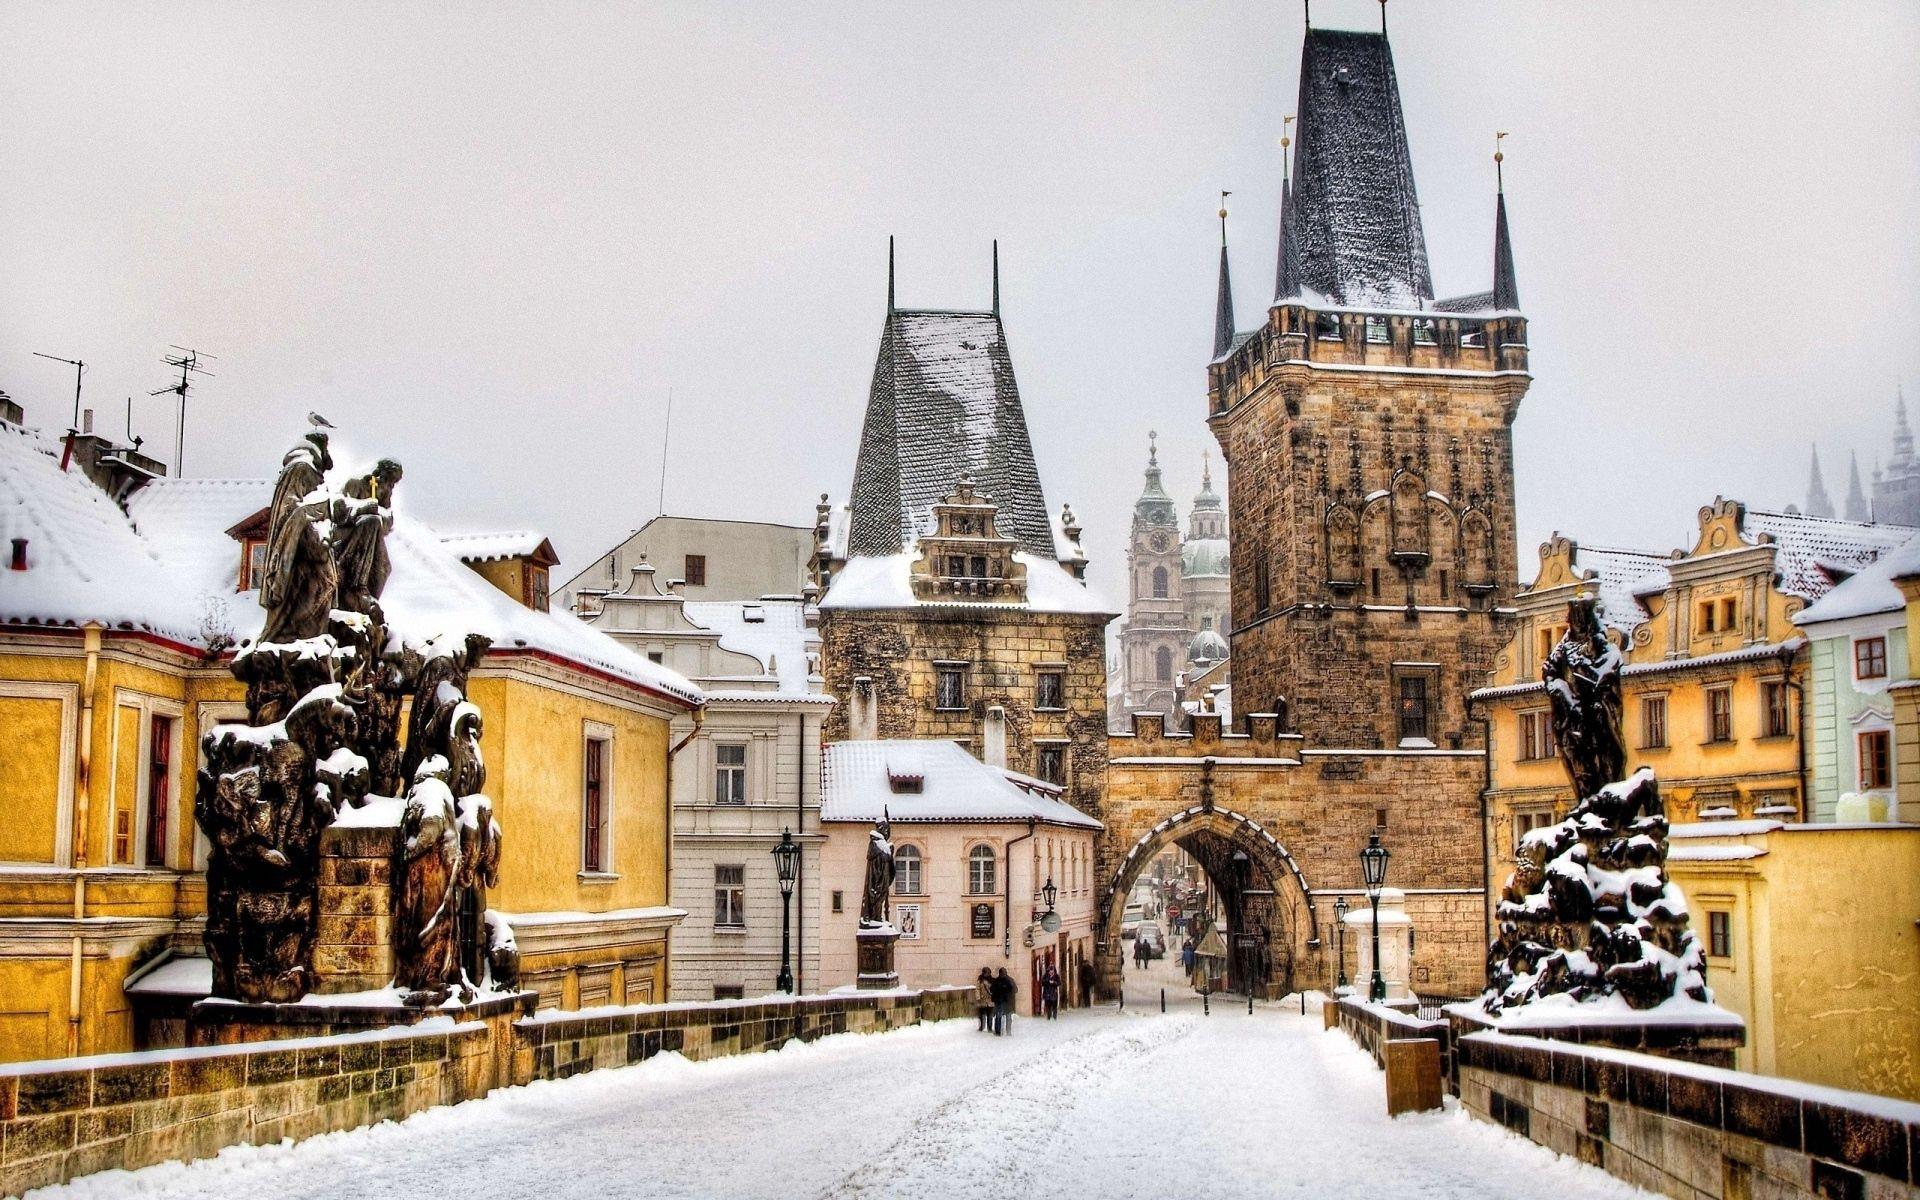 67013 Hintergrundbild herunterladen Menschen, Städte, Winterreifen, Gebäude, Prag, Tschechien - Bildschirmschoner und Bilder kostenlos